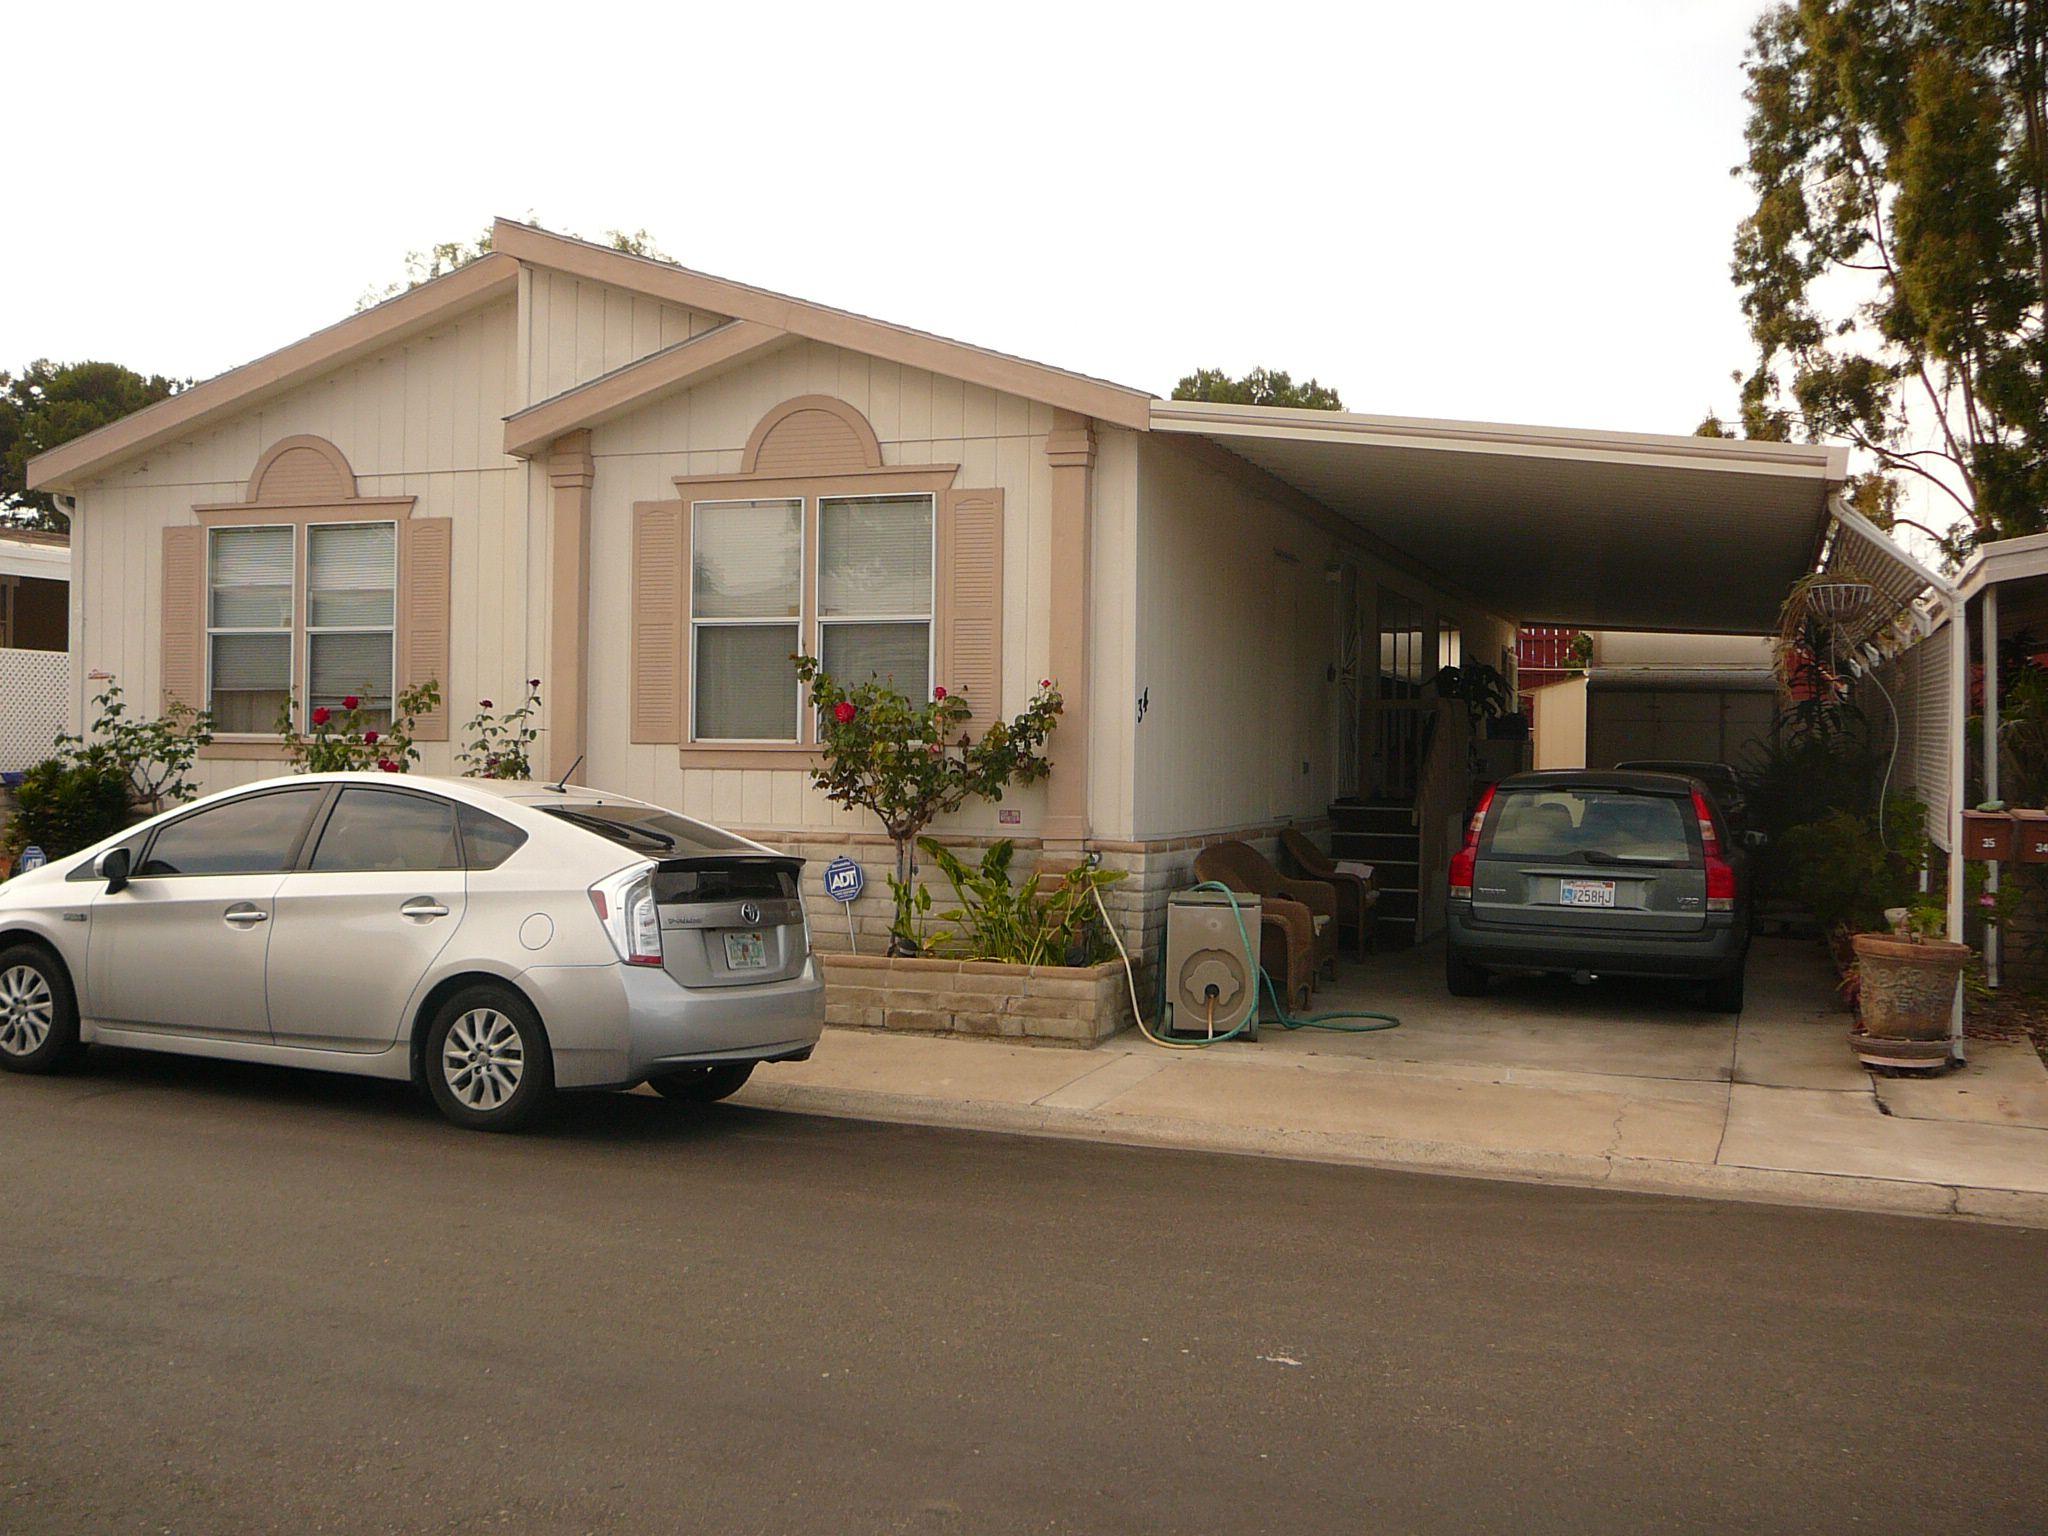 3340 Del Sol Blvd #34 For Sale - San Diego, CA | Trulia